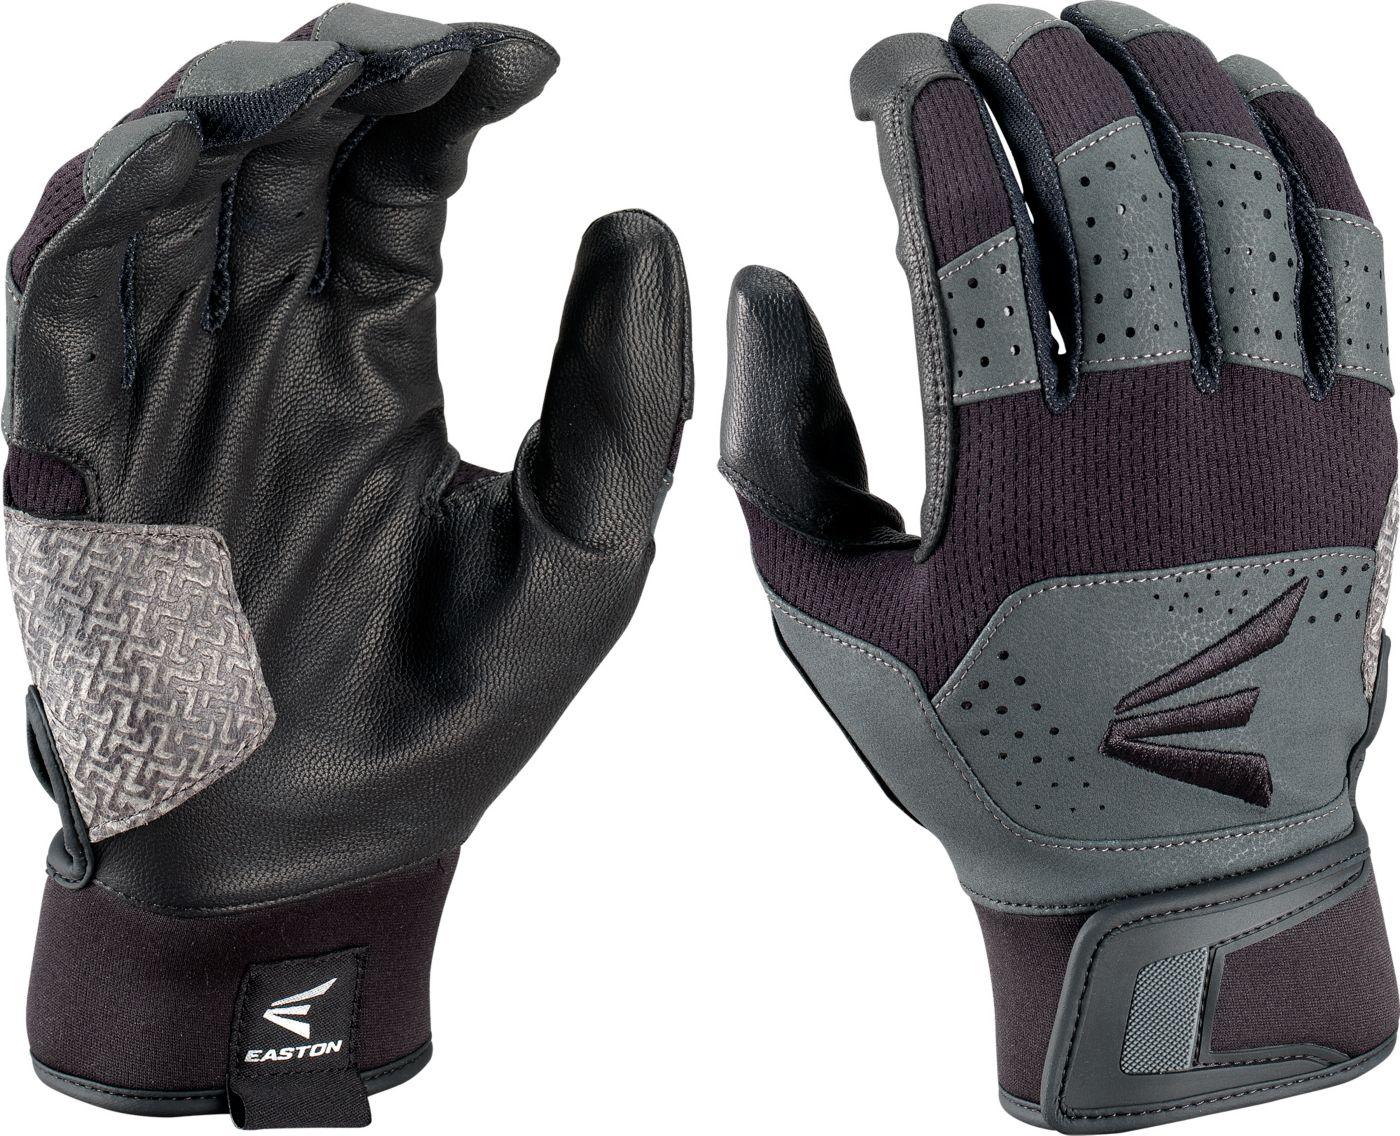 Easton Adult Grind Batting Gloves